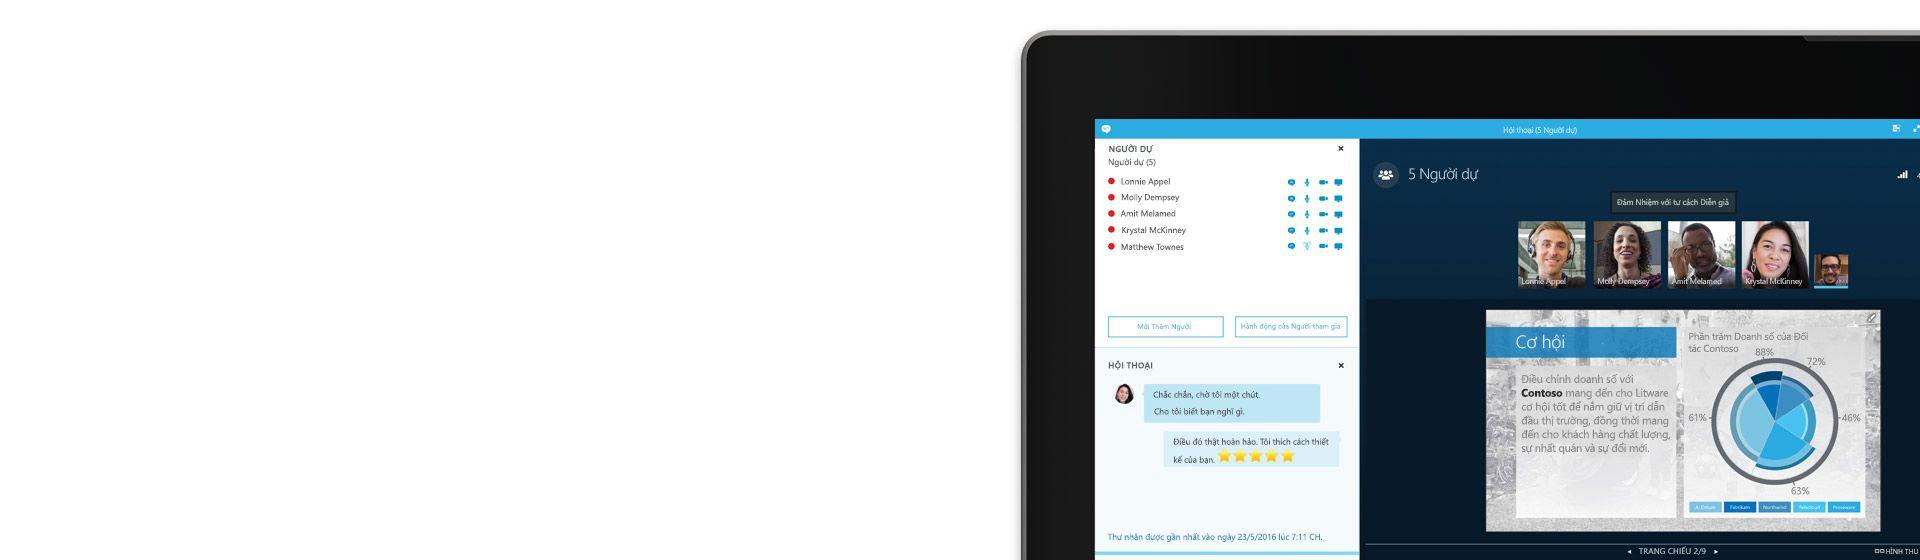 Một góc màn hình máy tính hiển thị một cuộc họp trực tuyến và danh sách người dự trong Skype for Business